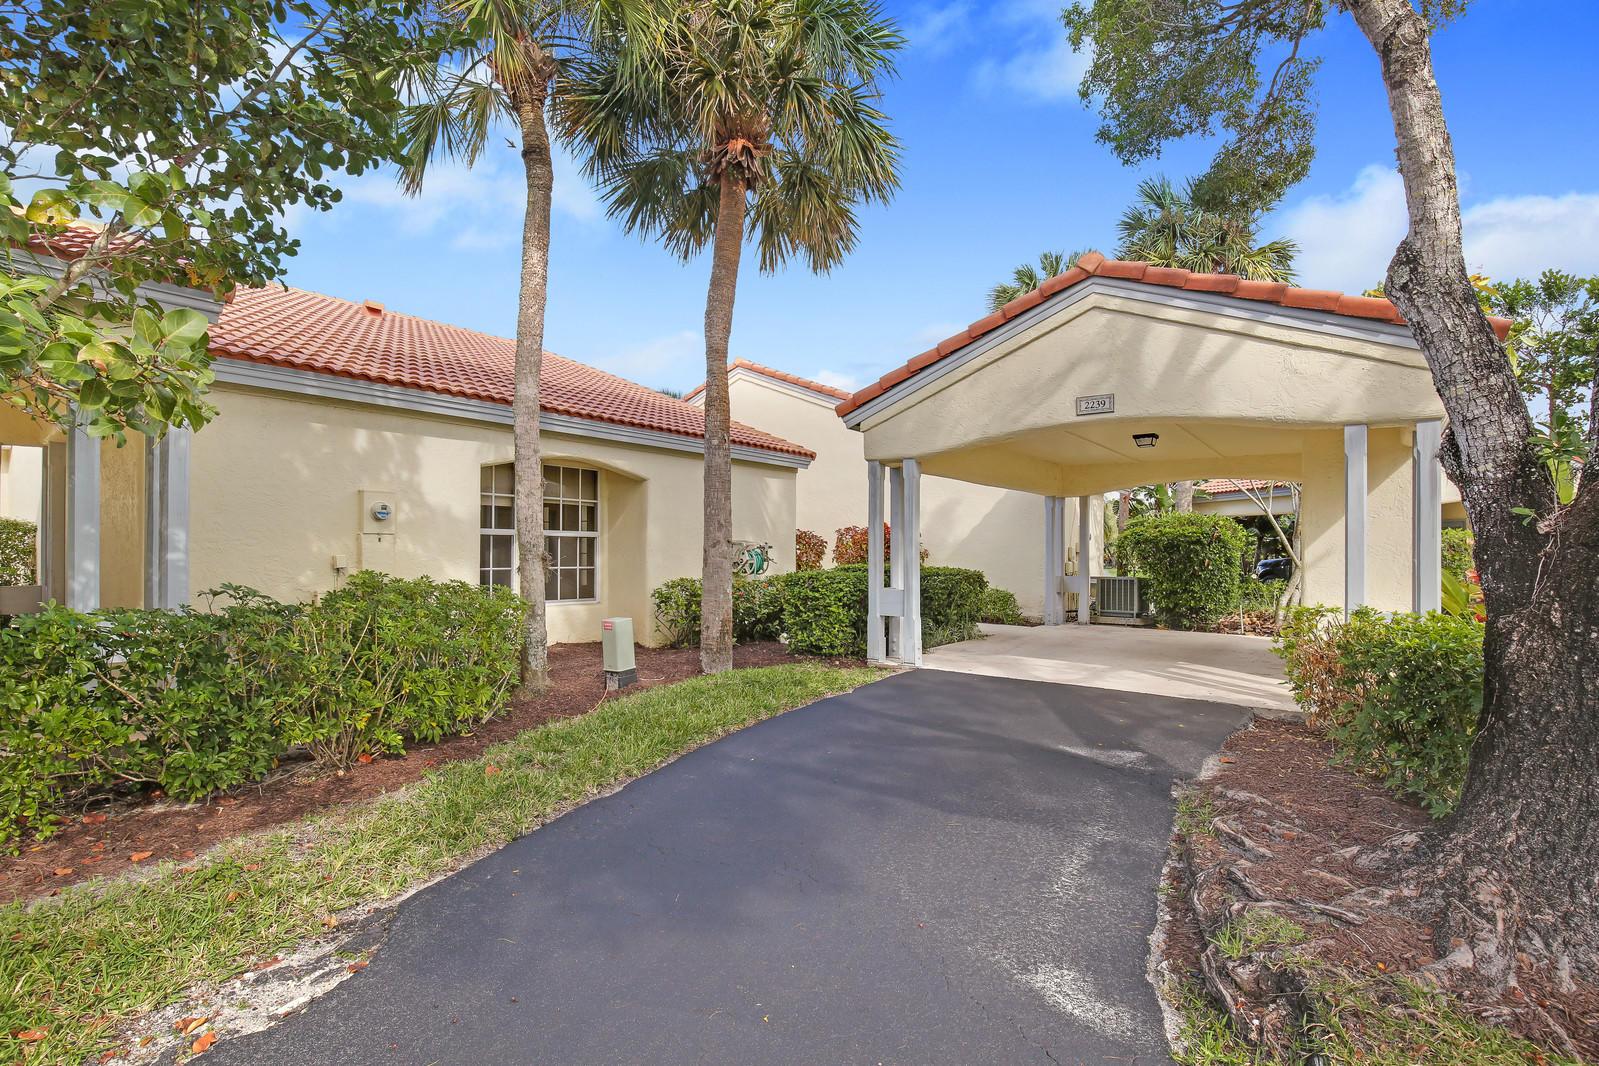 2239 Las Brisas Court, Wellington, Florida 33414, 3 Bedrooms Bedrooms, ,2 BathroomsBathrooms,Villa,For Sale,Palm Beach Polo,Las Brisas,RX-10385255